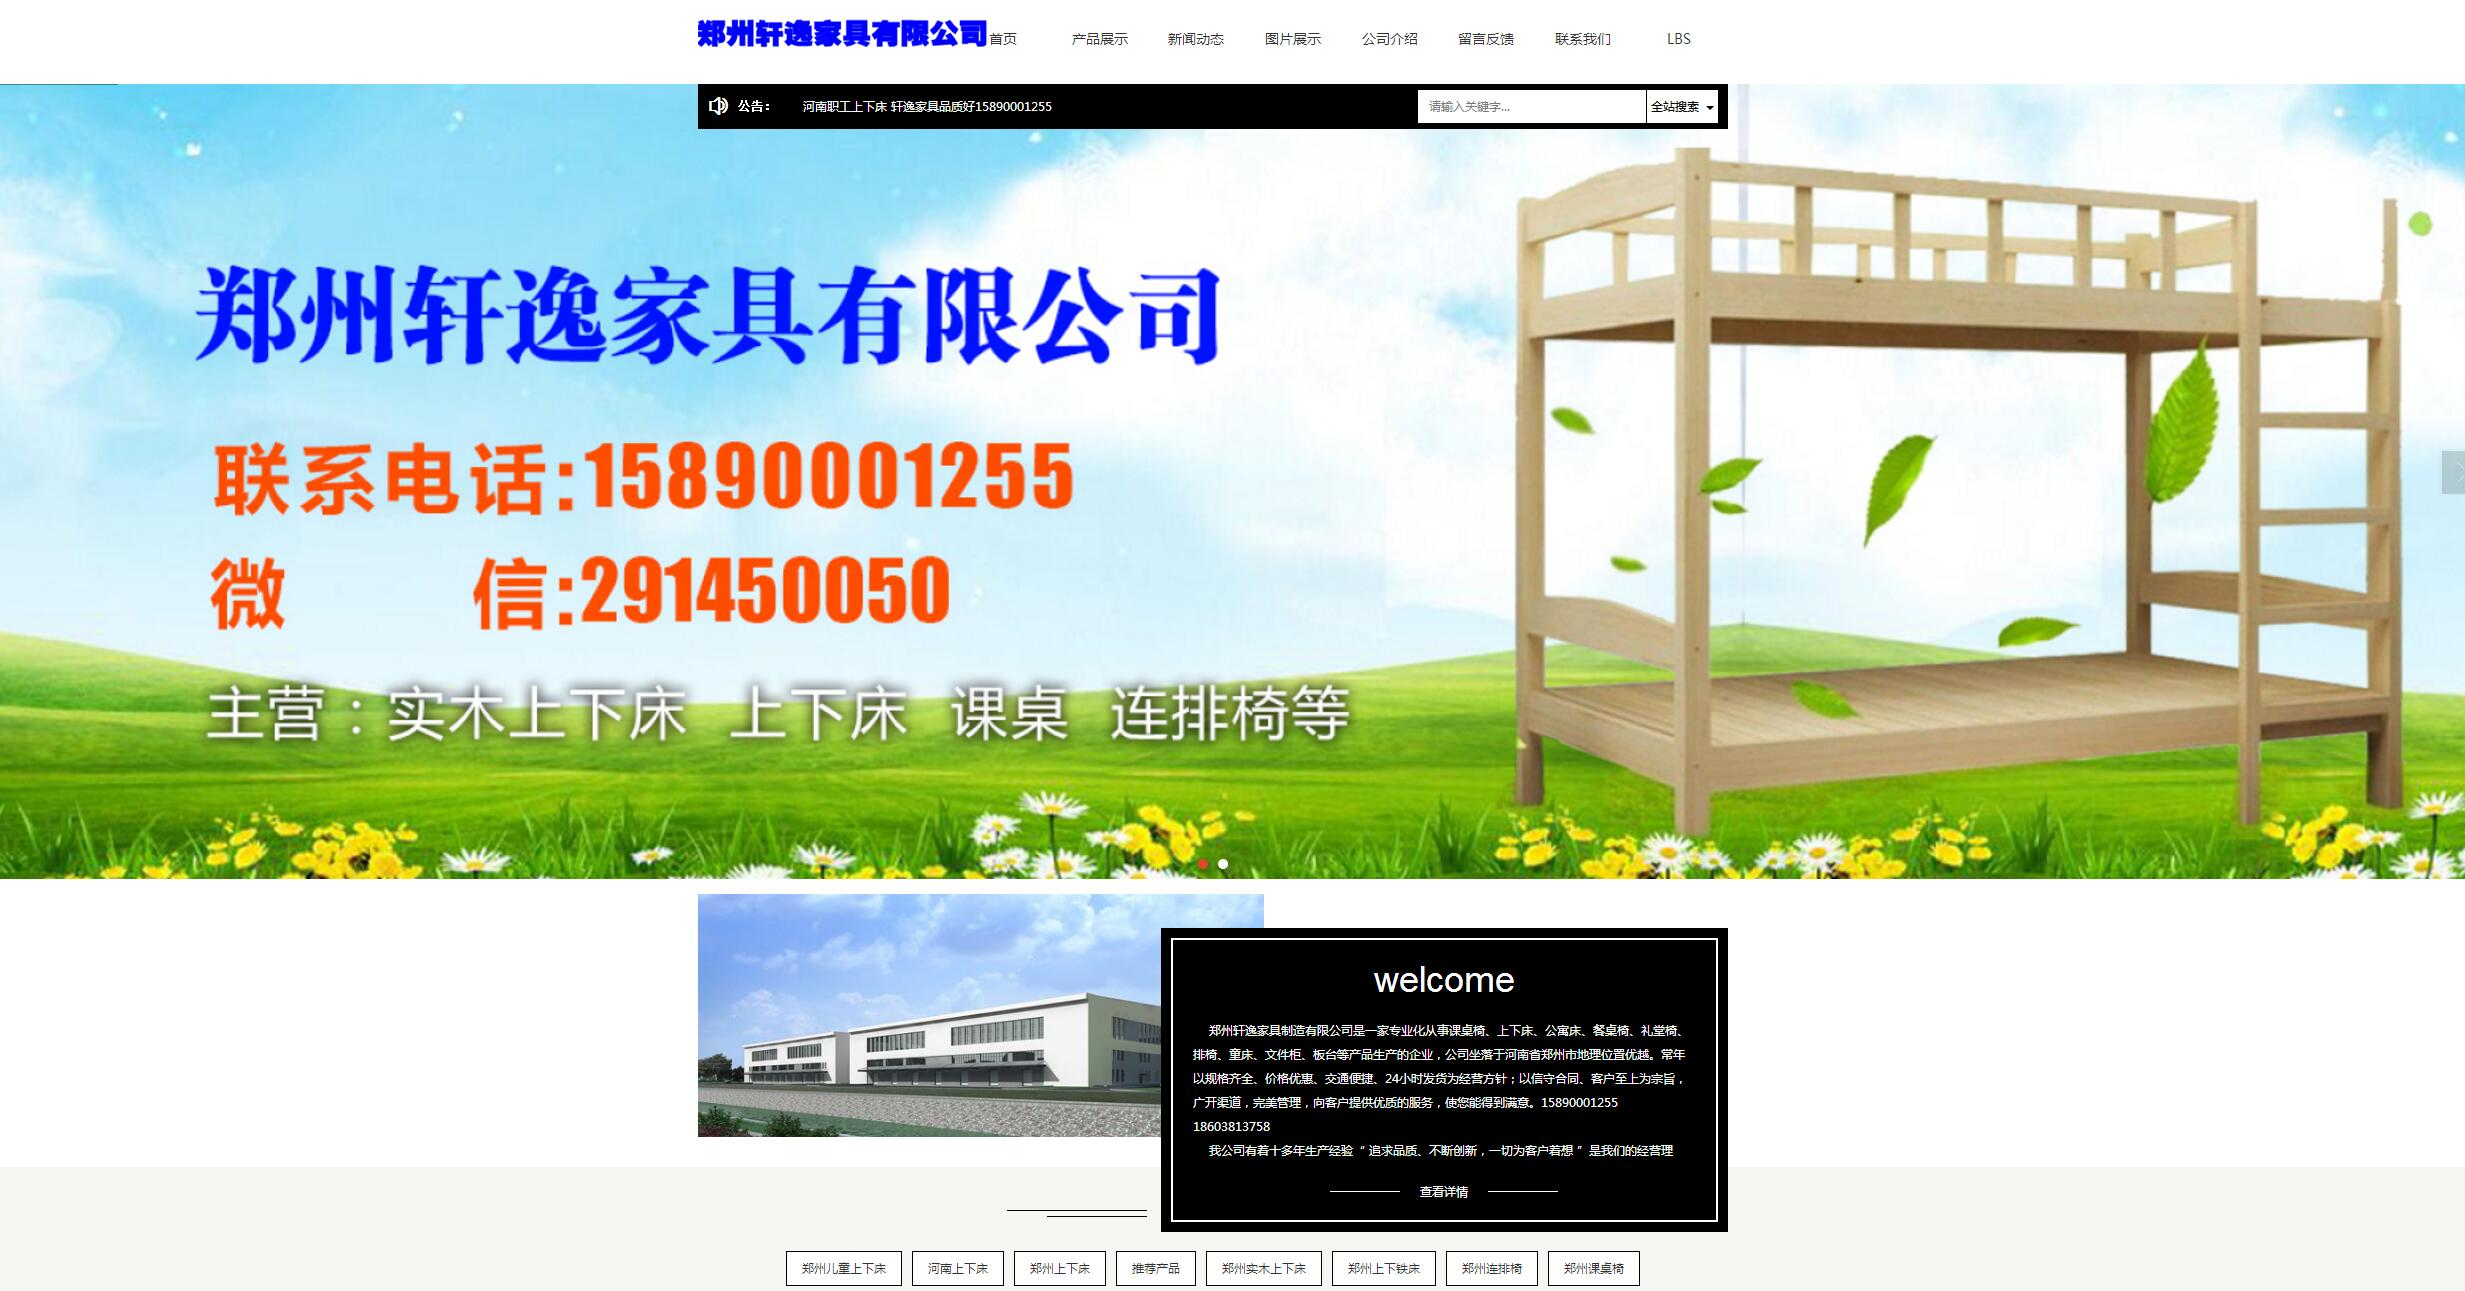 河南郑州网络推广,运营人员必知的网络推广平台